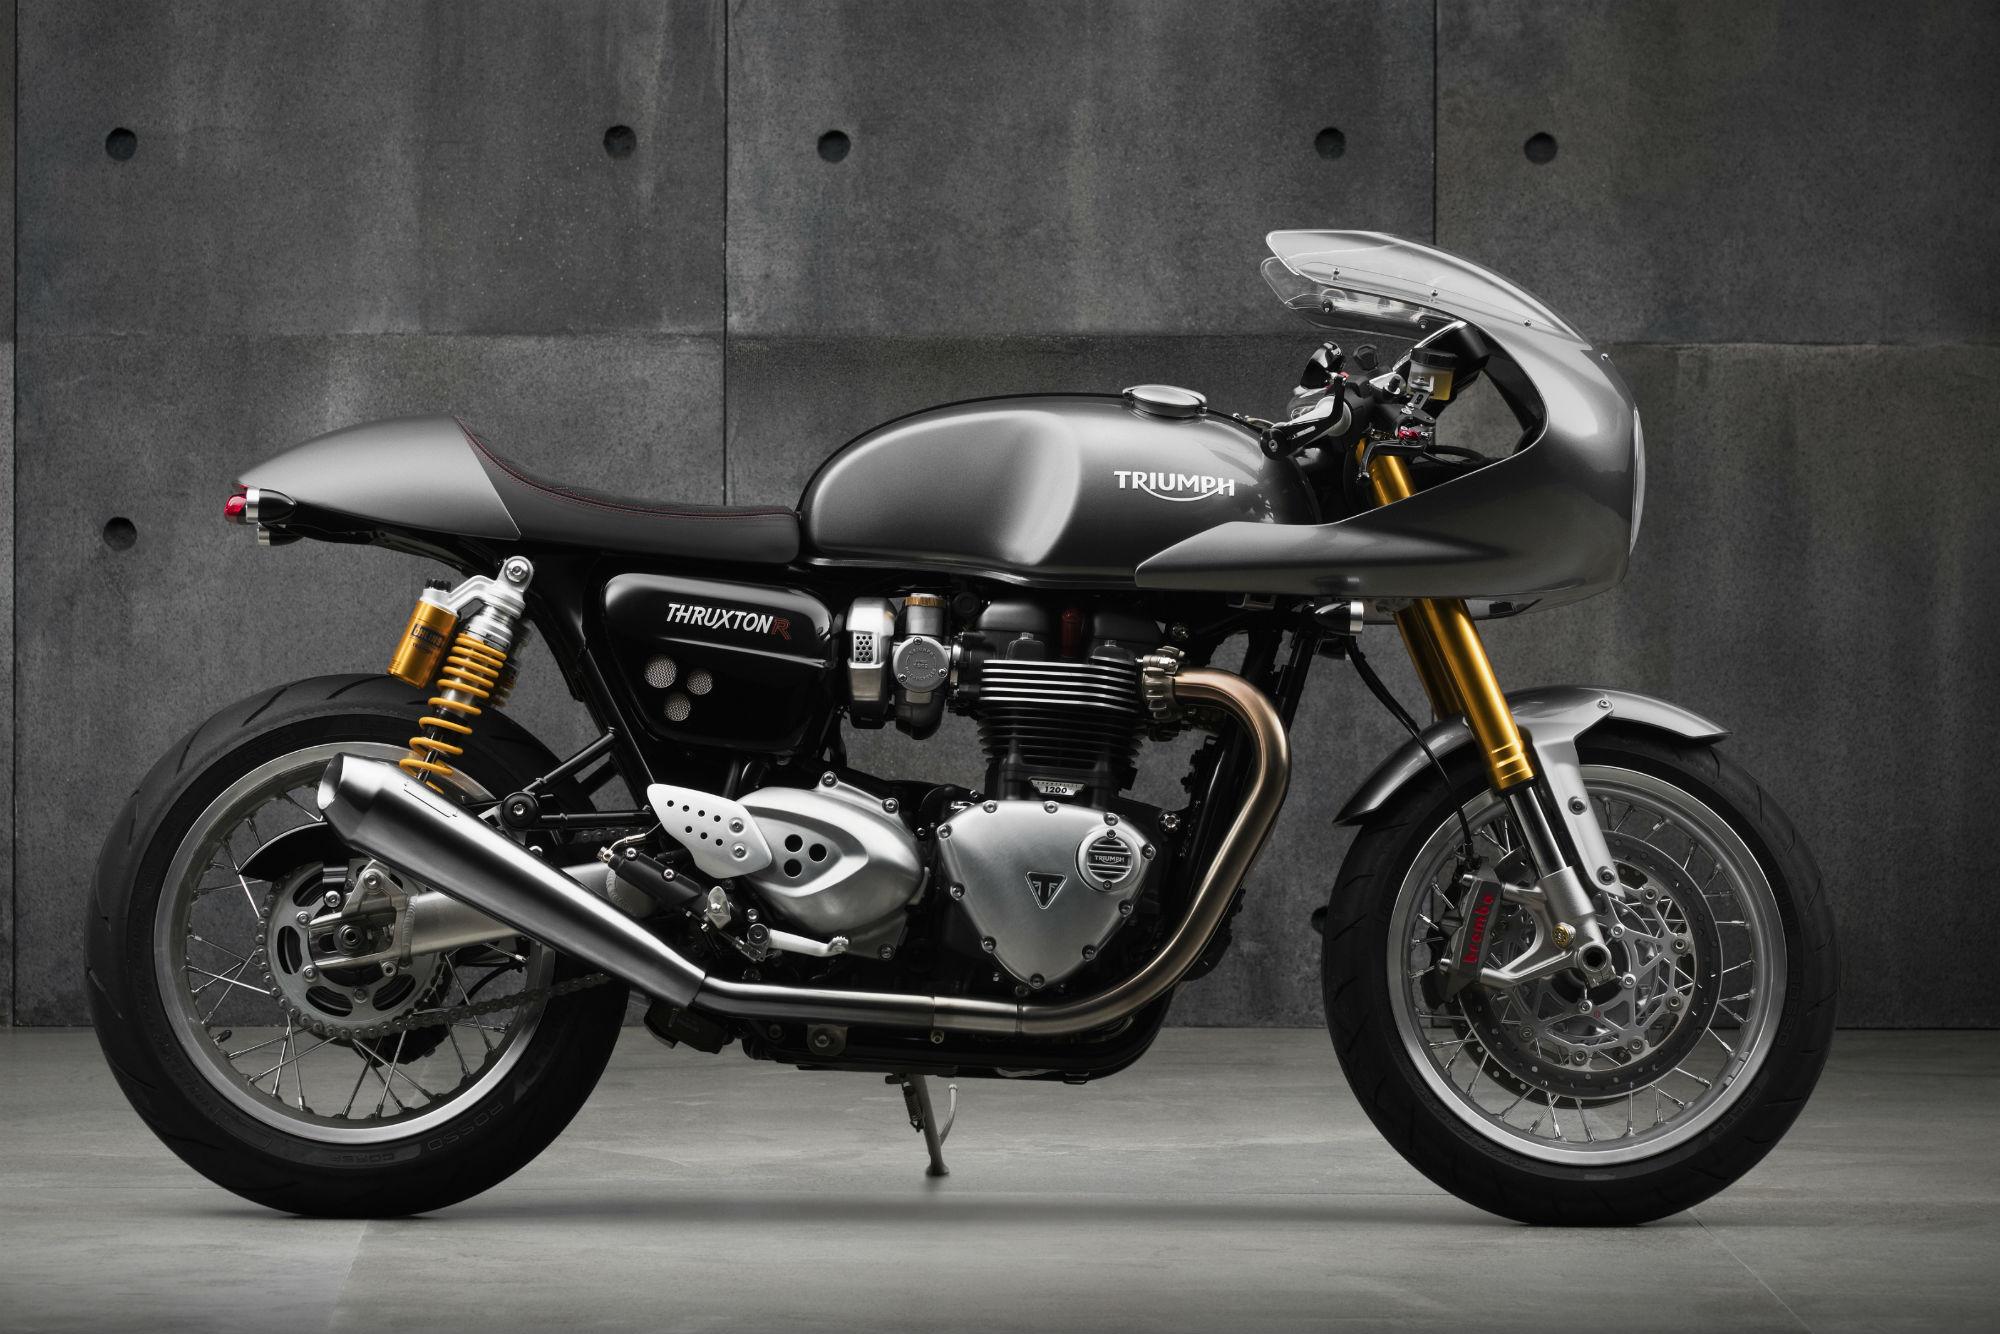 c47c21788 Conheça as 10 motos mais bonitas do mundo - Alba Moto